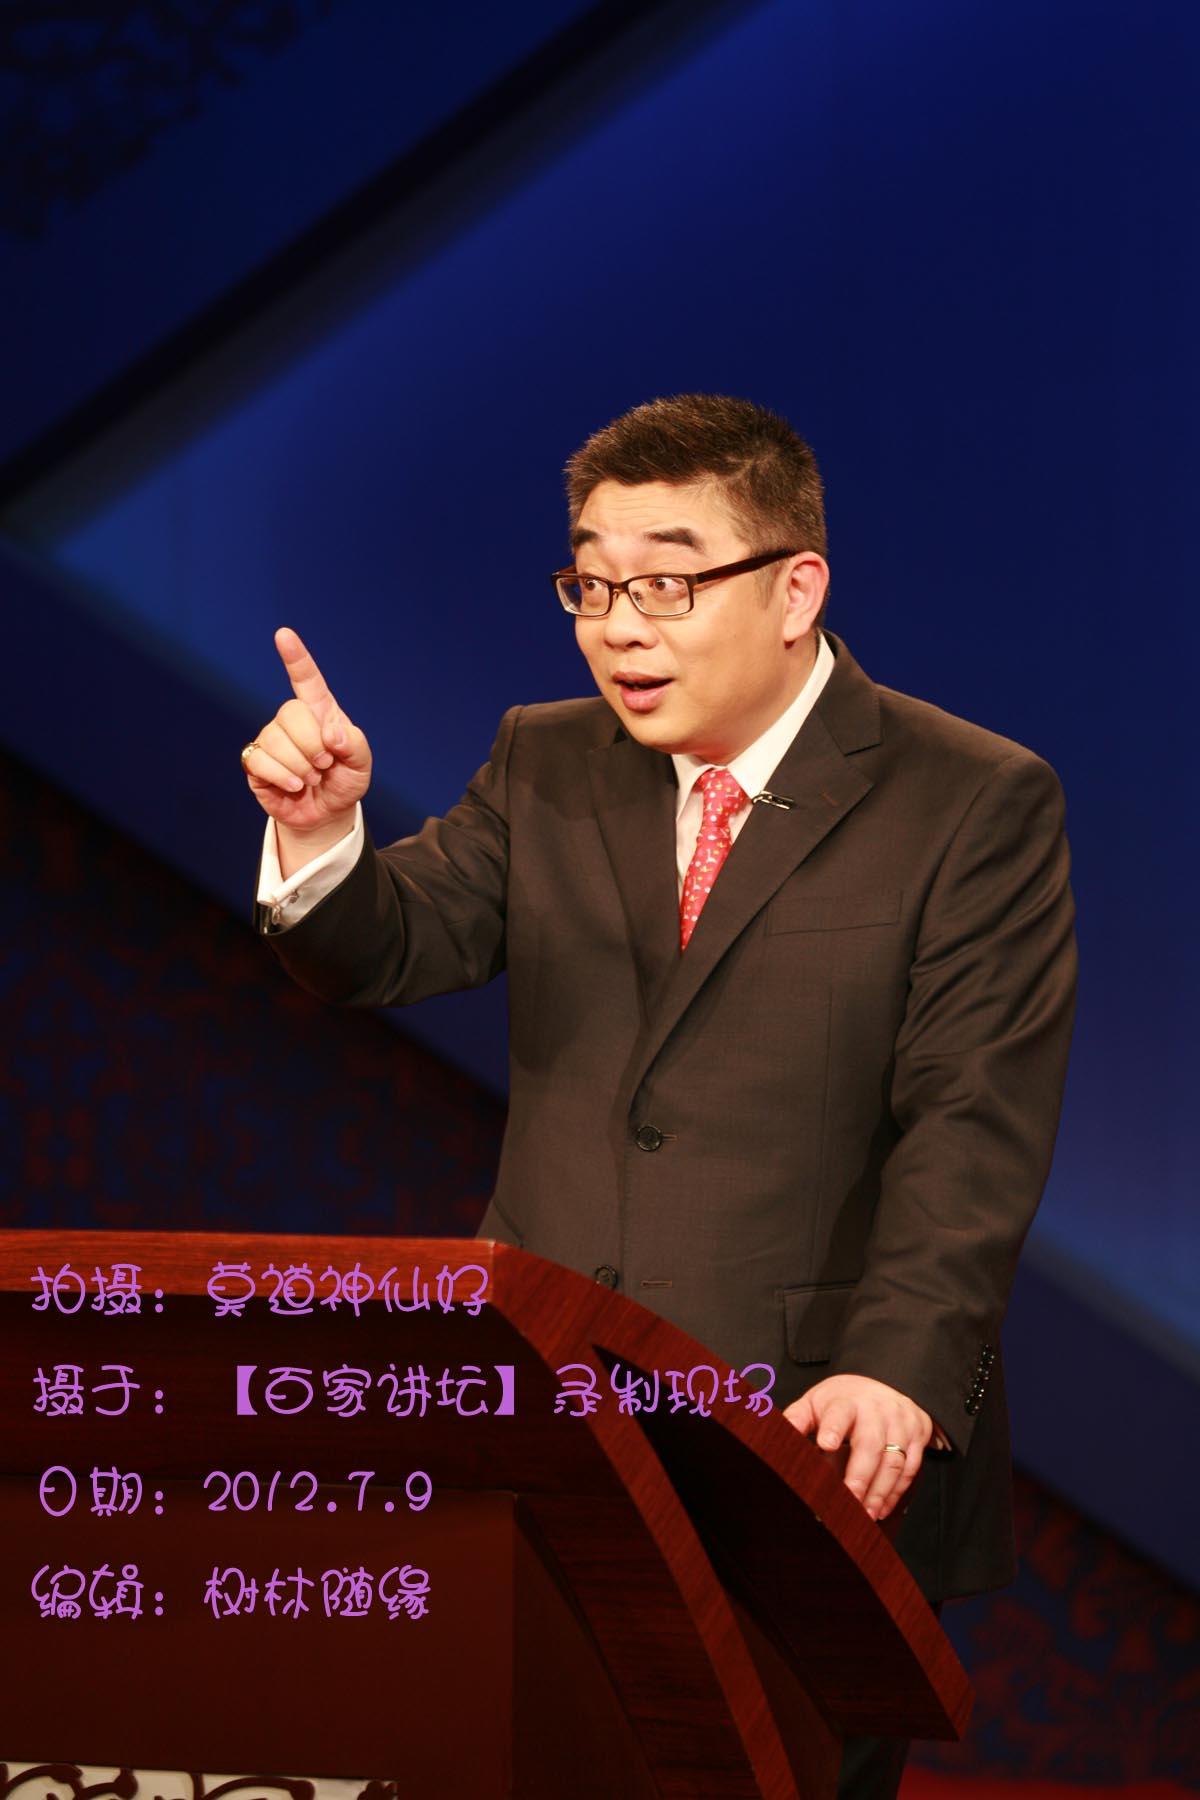 【照片】2012-7-9钱老师在百家讲坛录制《 百家姓 》图片